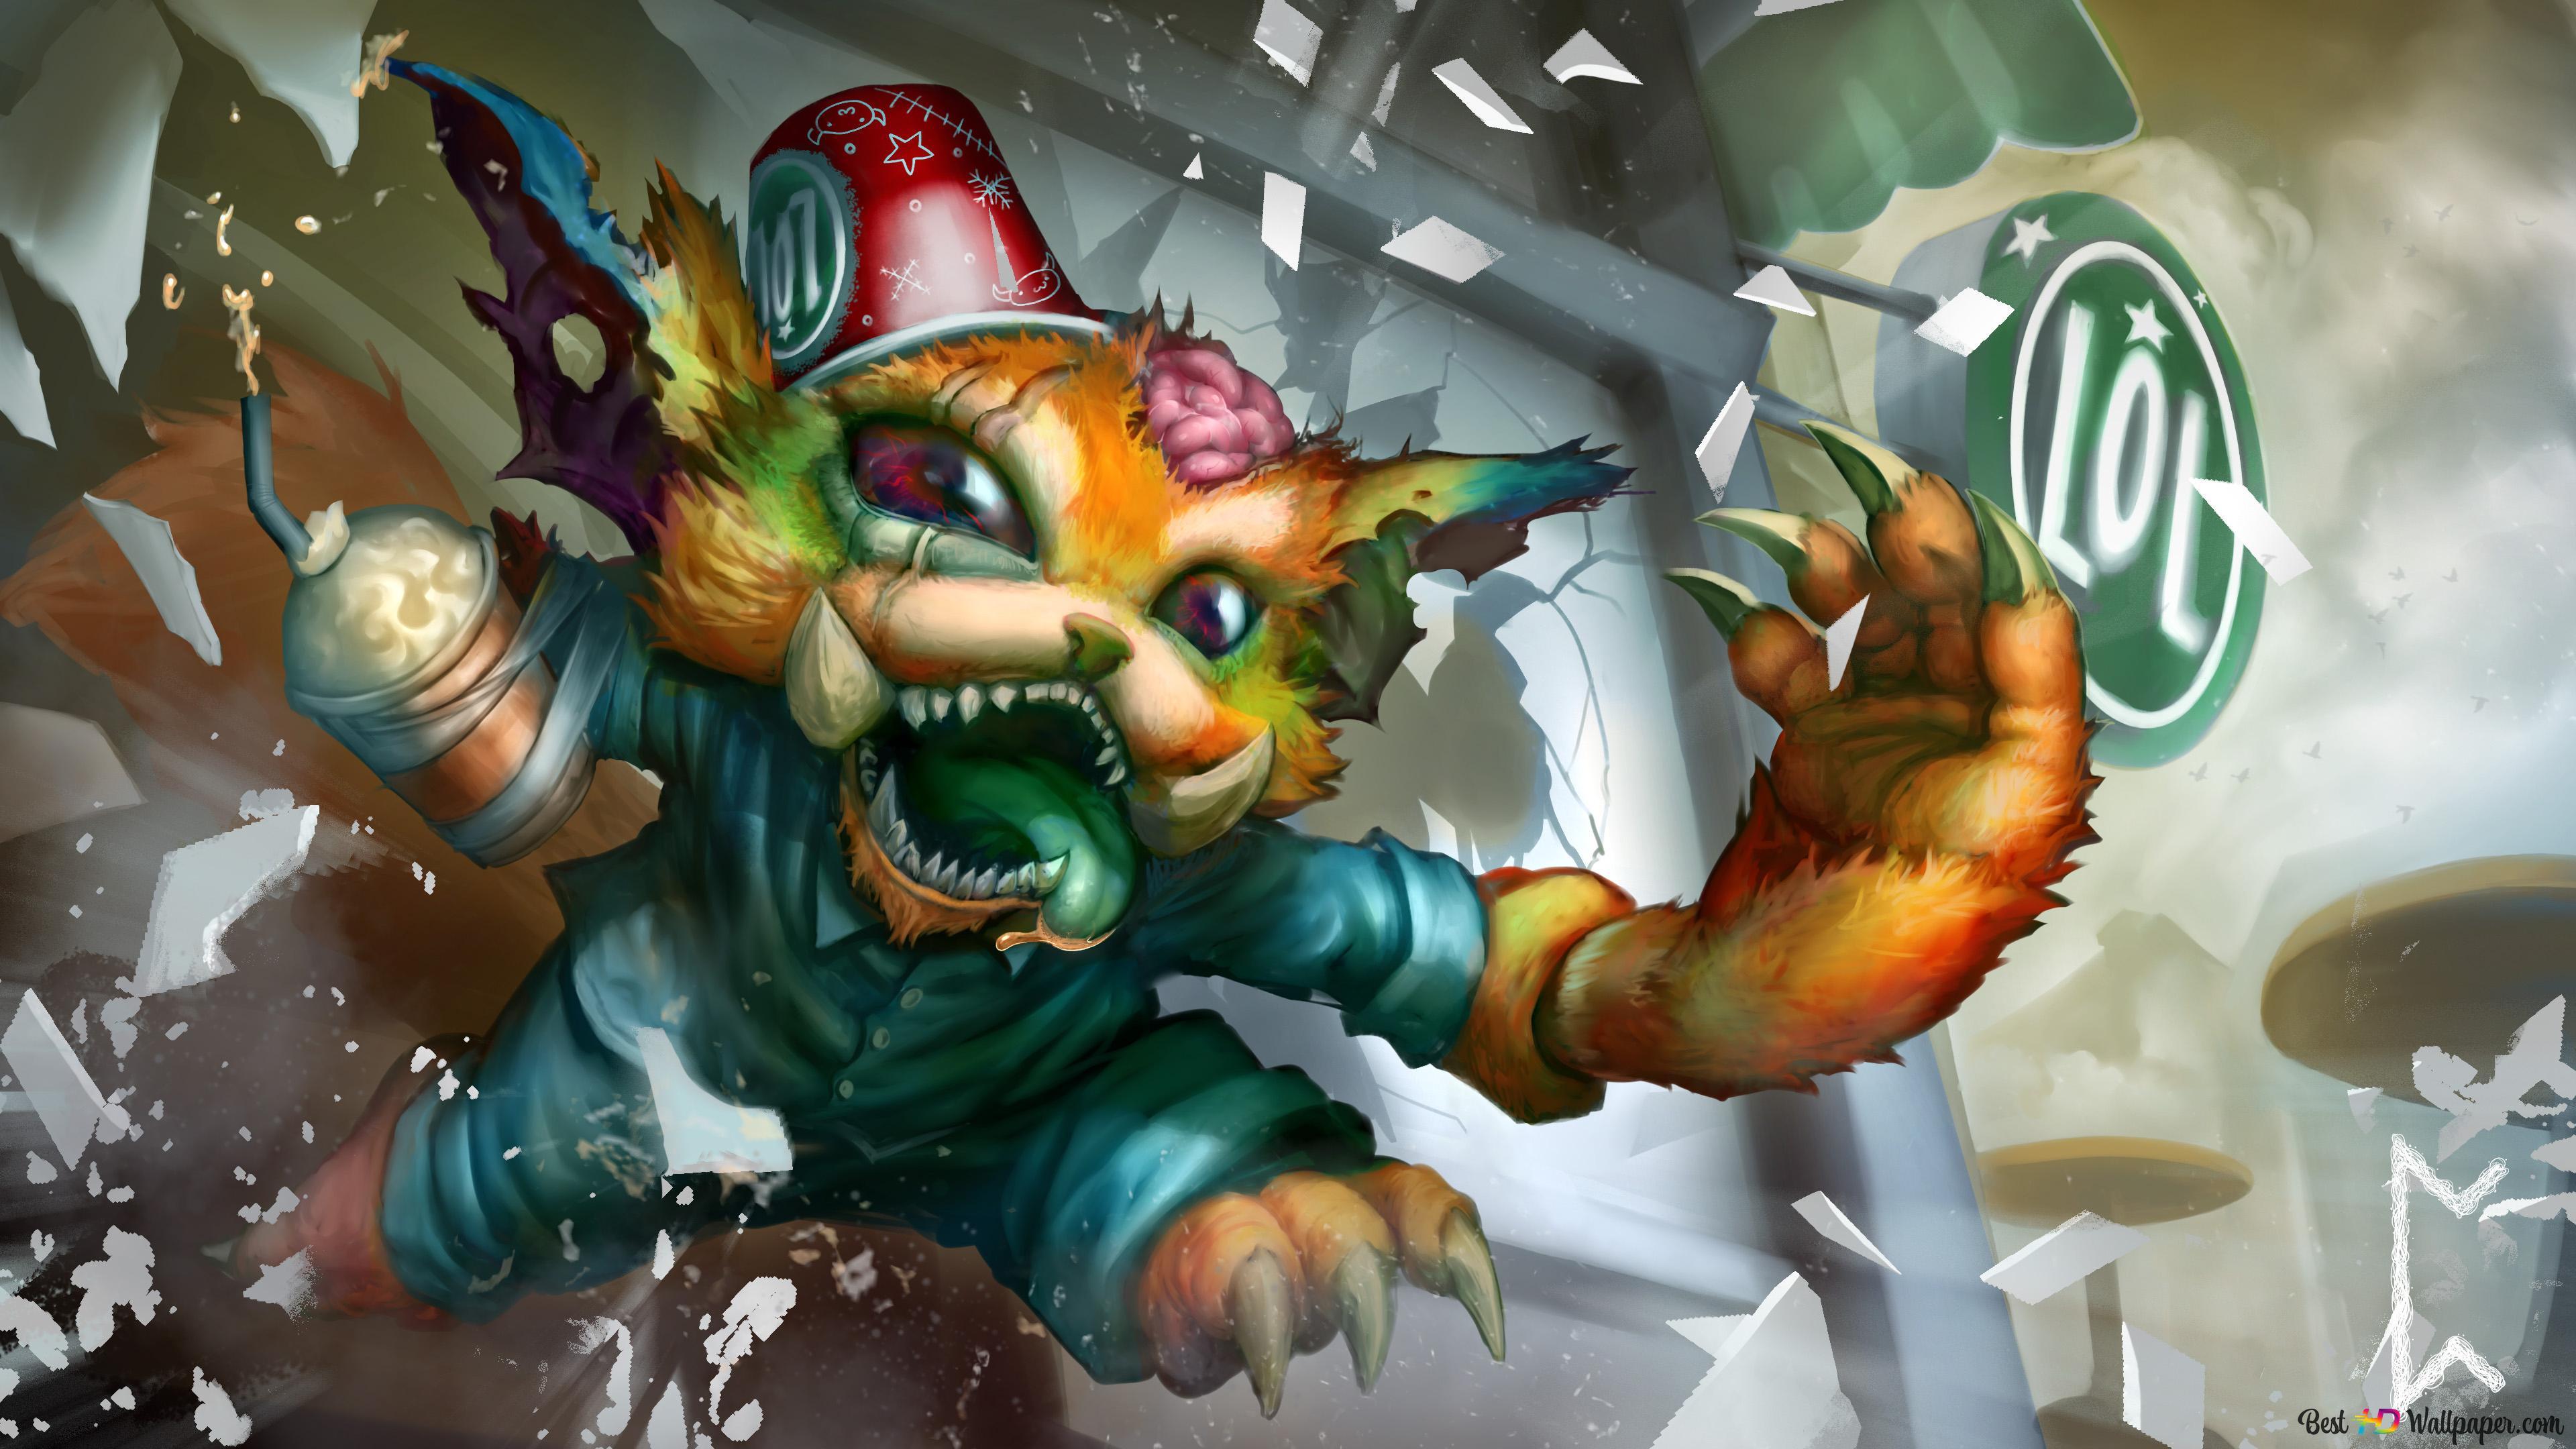 League Of Legends Gnar Hd Wallpaper Download